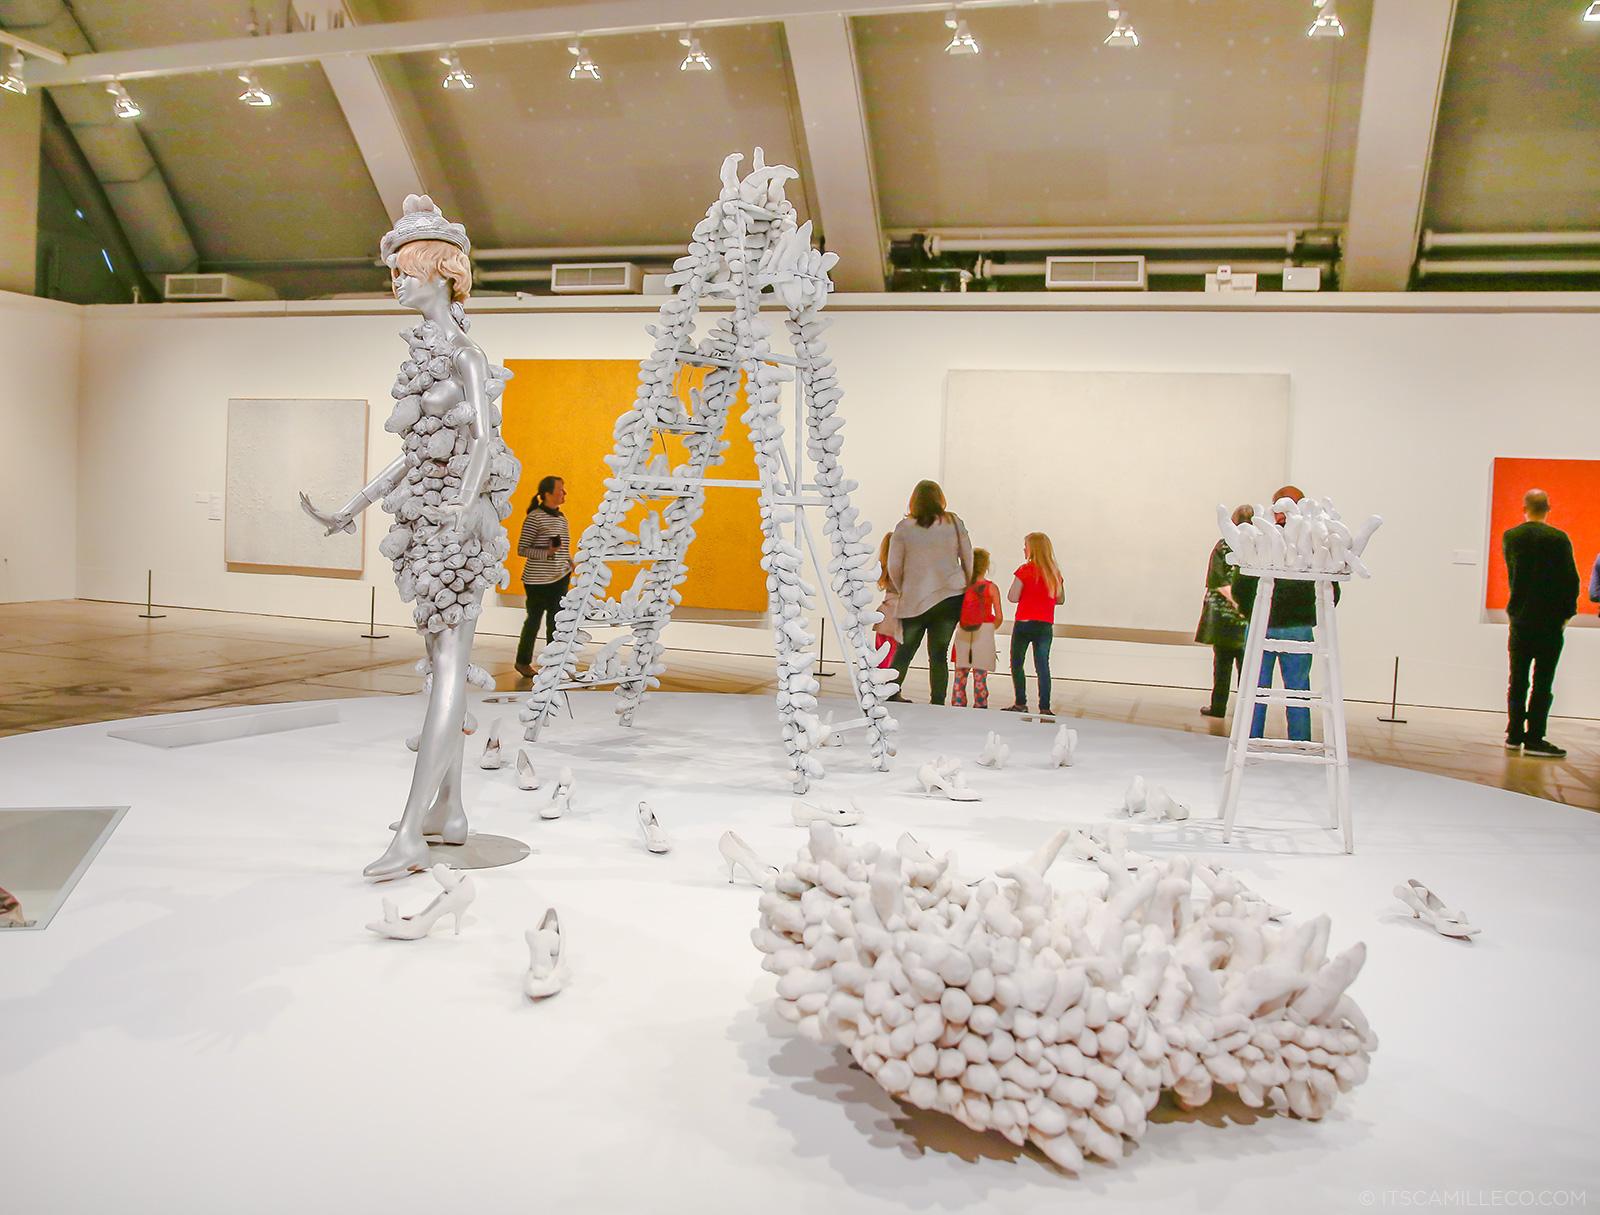 Yayoi Kusama exhibit